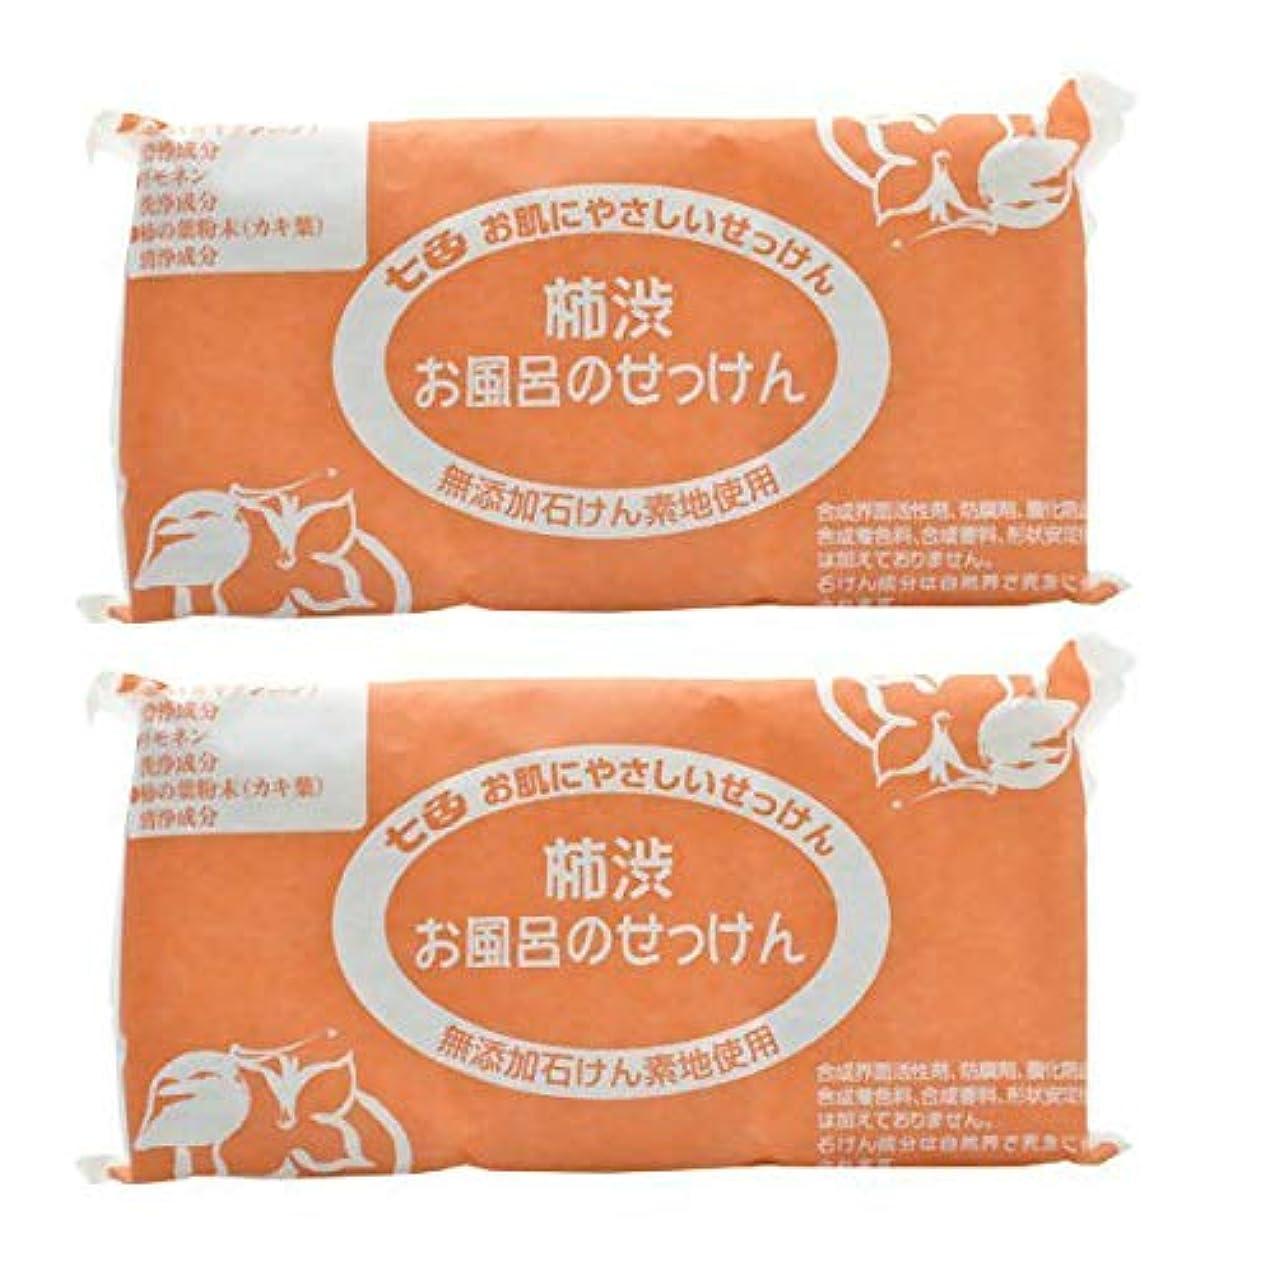 追跡クックペレグリネーション七色 お風呂のせっけん 柿渋(無添加石鹸) 100g×3個入×2セット